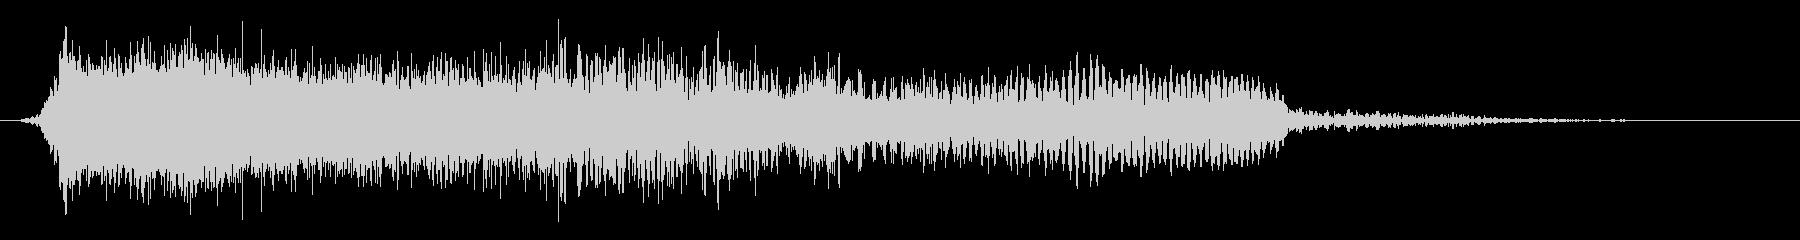 処理されたシンセ音の振動空気バーストの未再生の波形